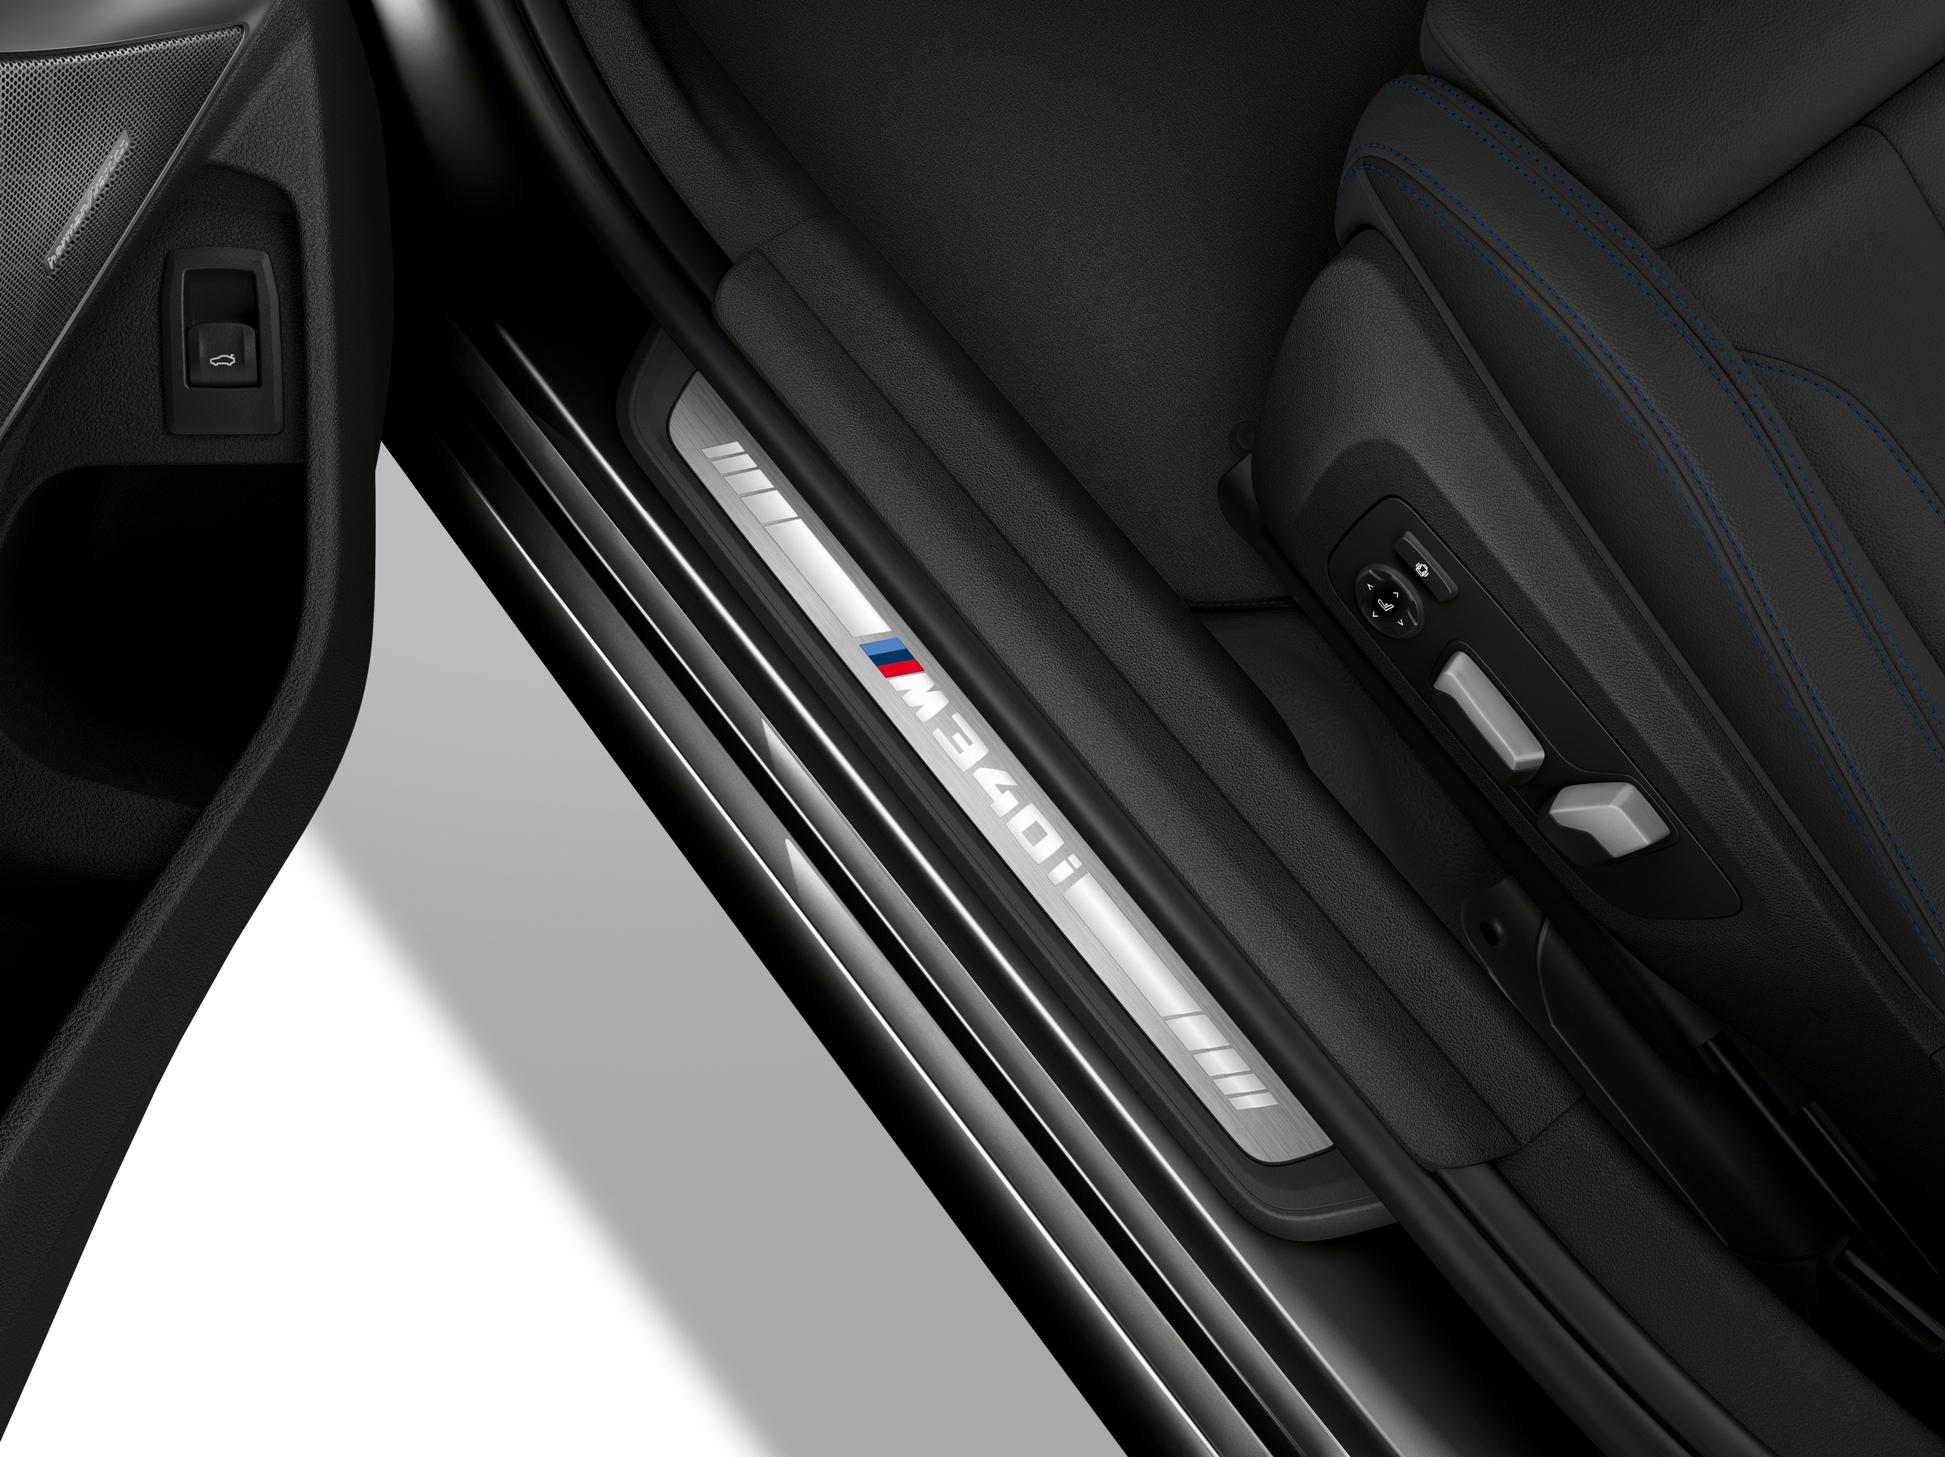 迎賓踏板上獨有的 M340i 標誌。